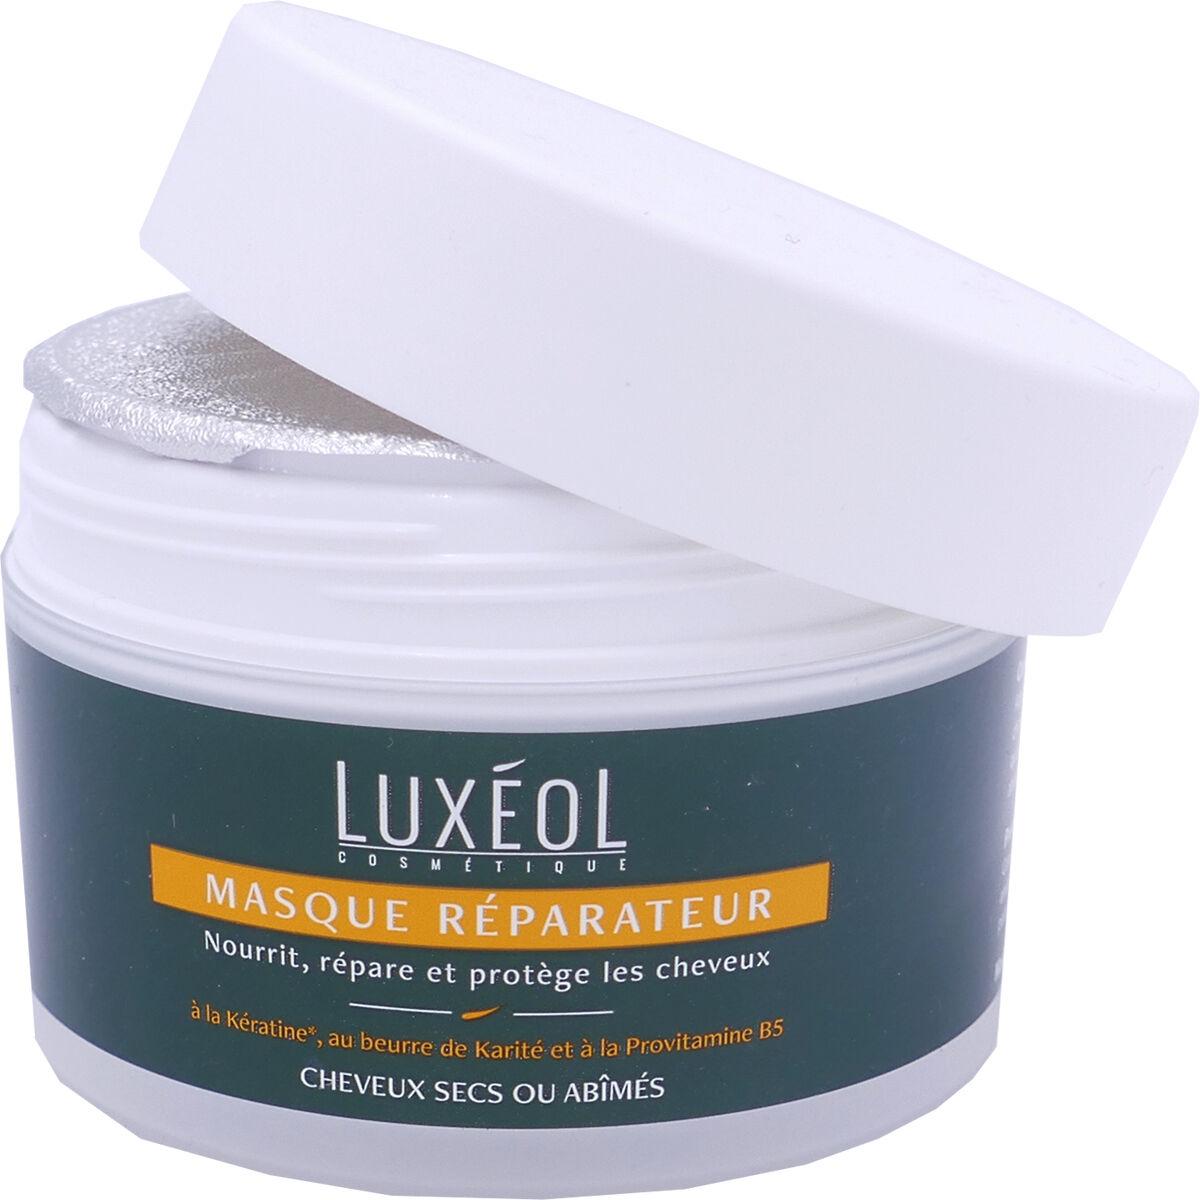 Luxeol masque reparateur cheveux secs ou abimes 200 ml